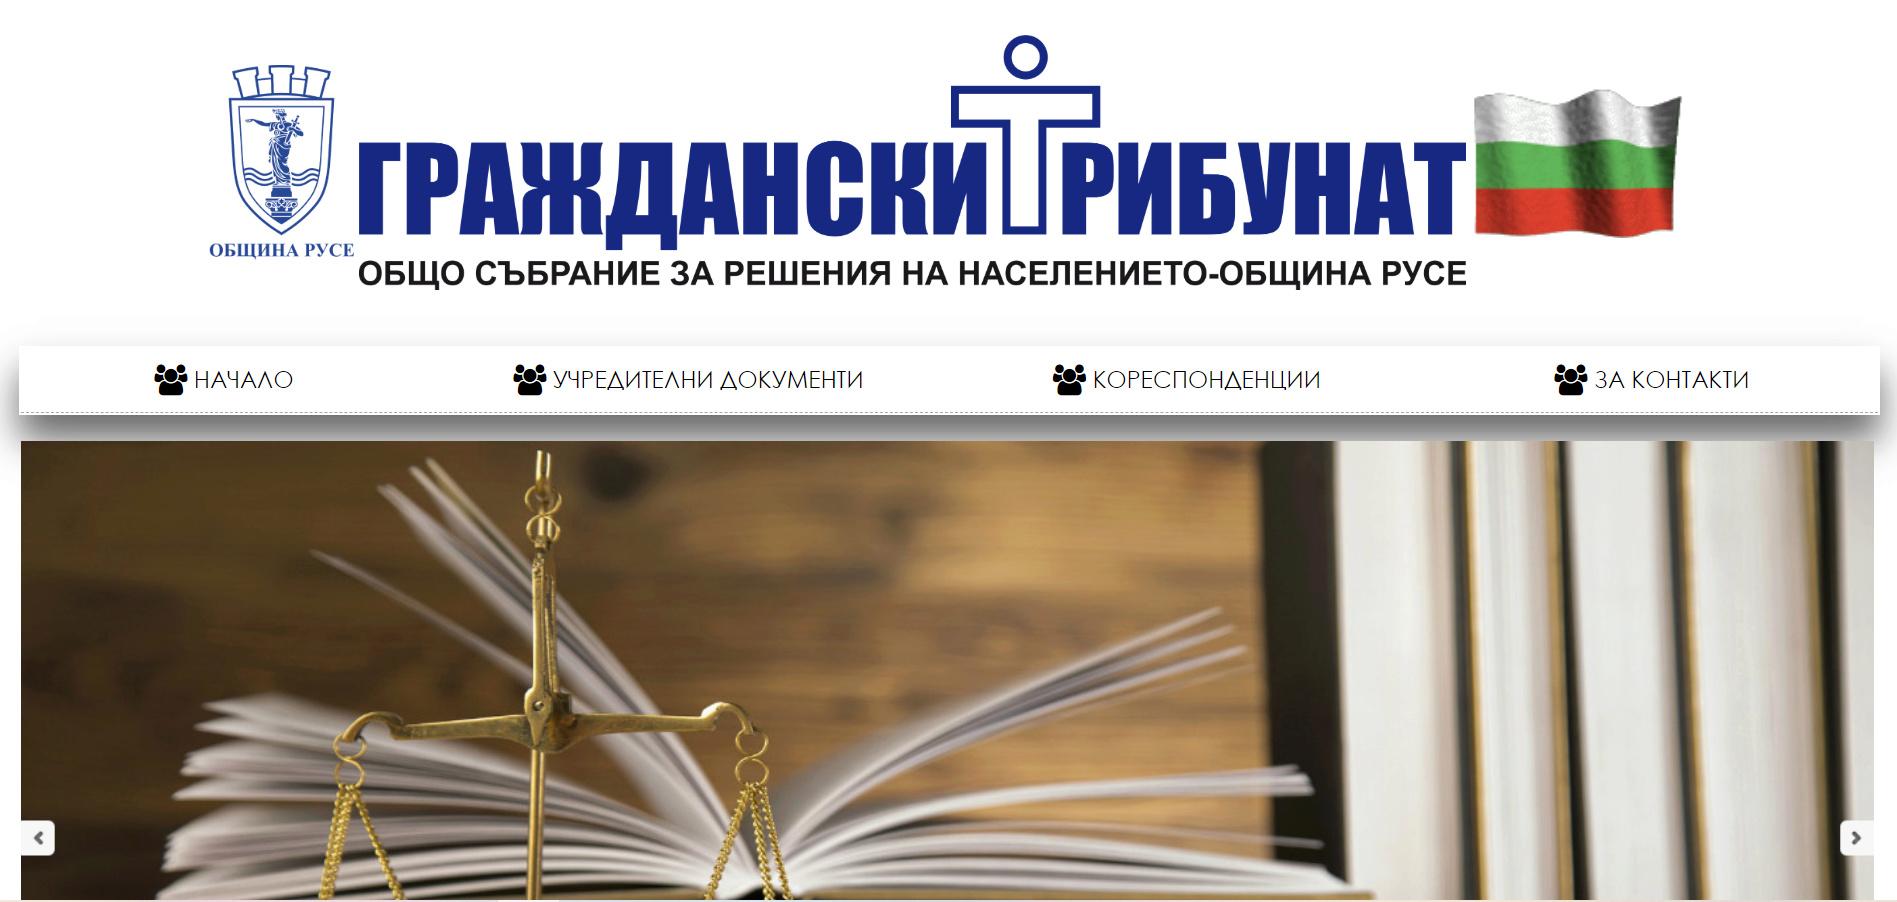 Граждански ТРИБУНАТ - Община РУСЕ